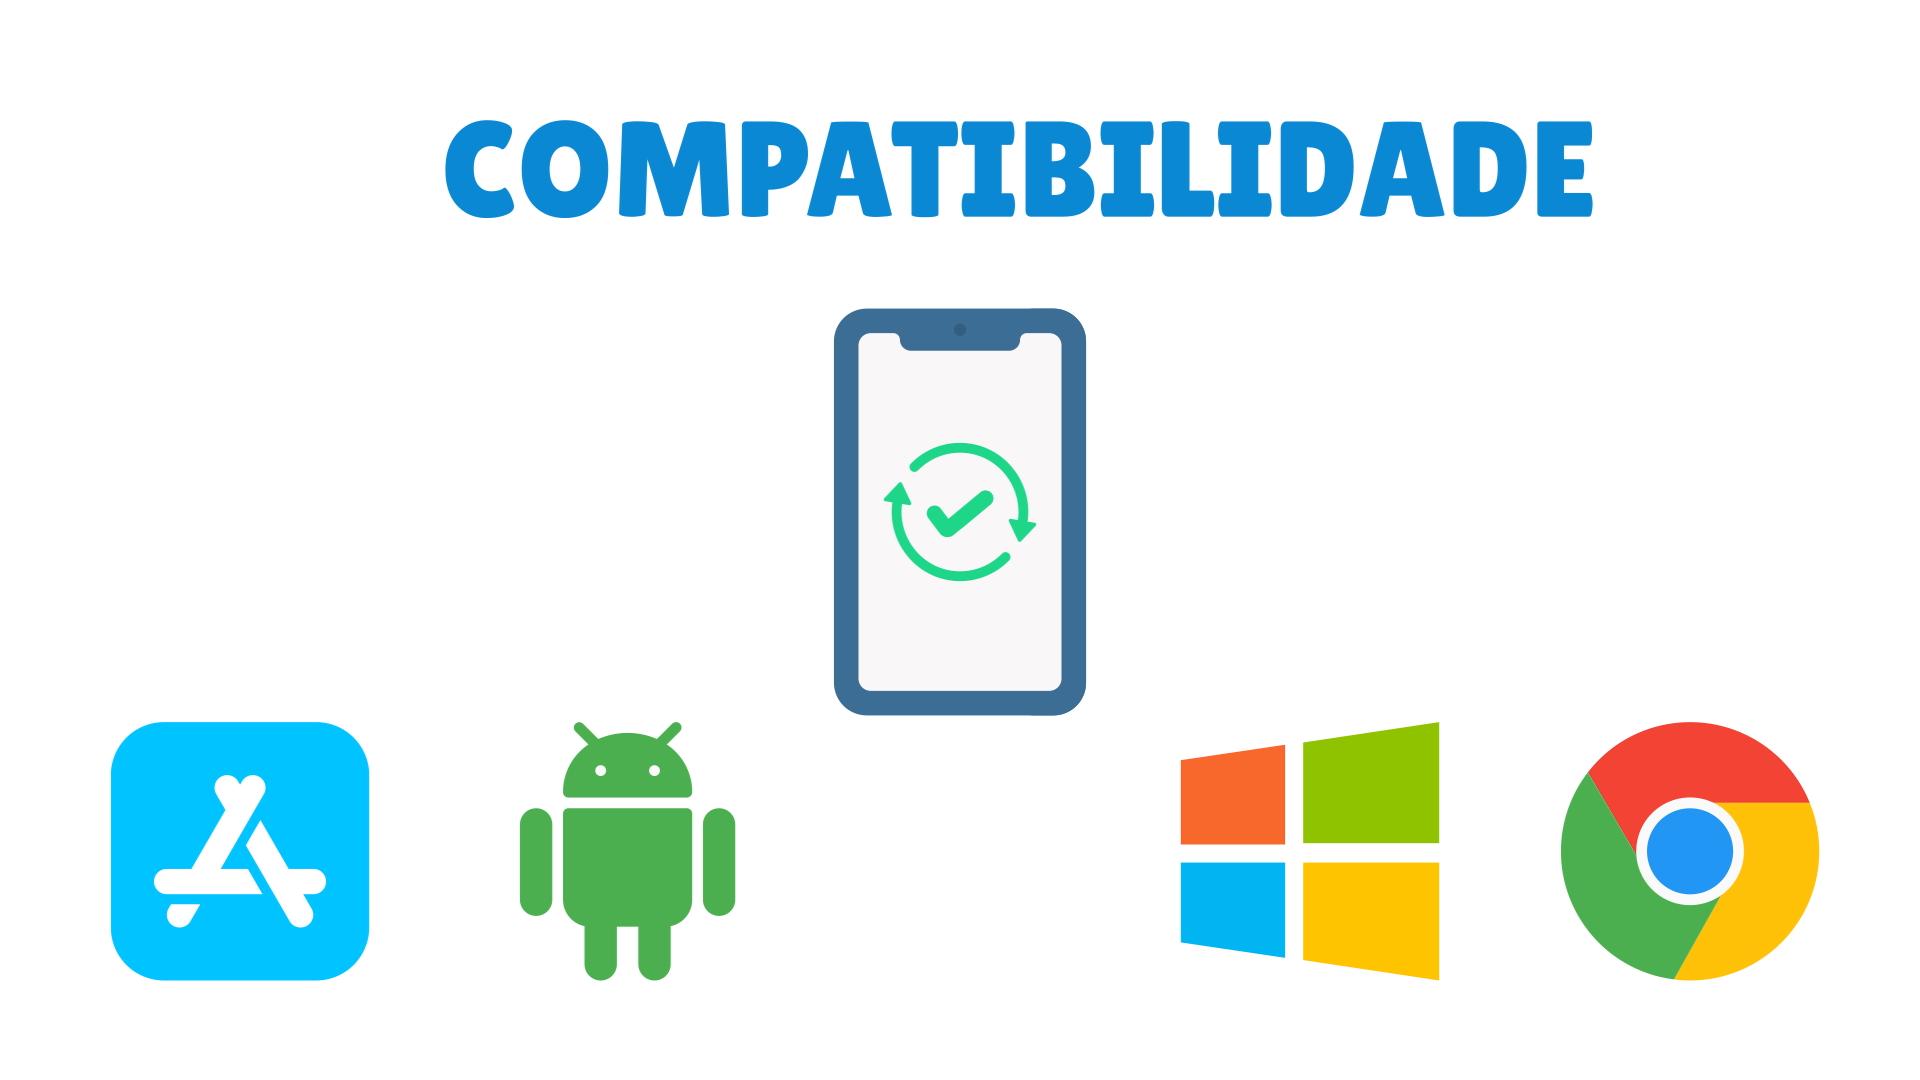 Whatsapp ou Telegram: qual deles têm maior compatibilidade